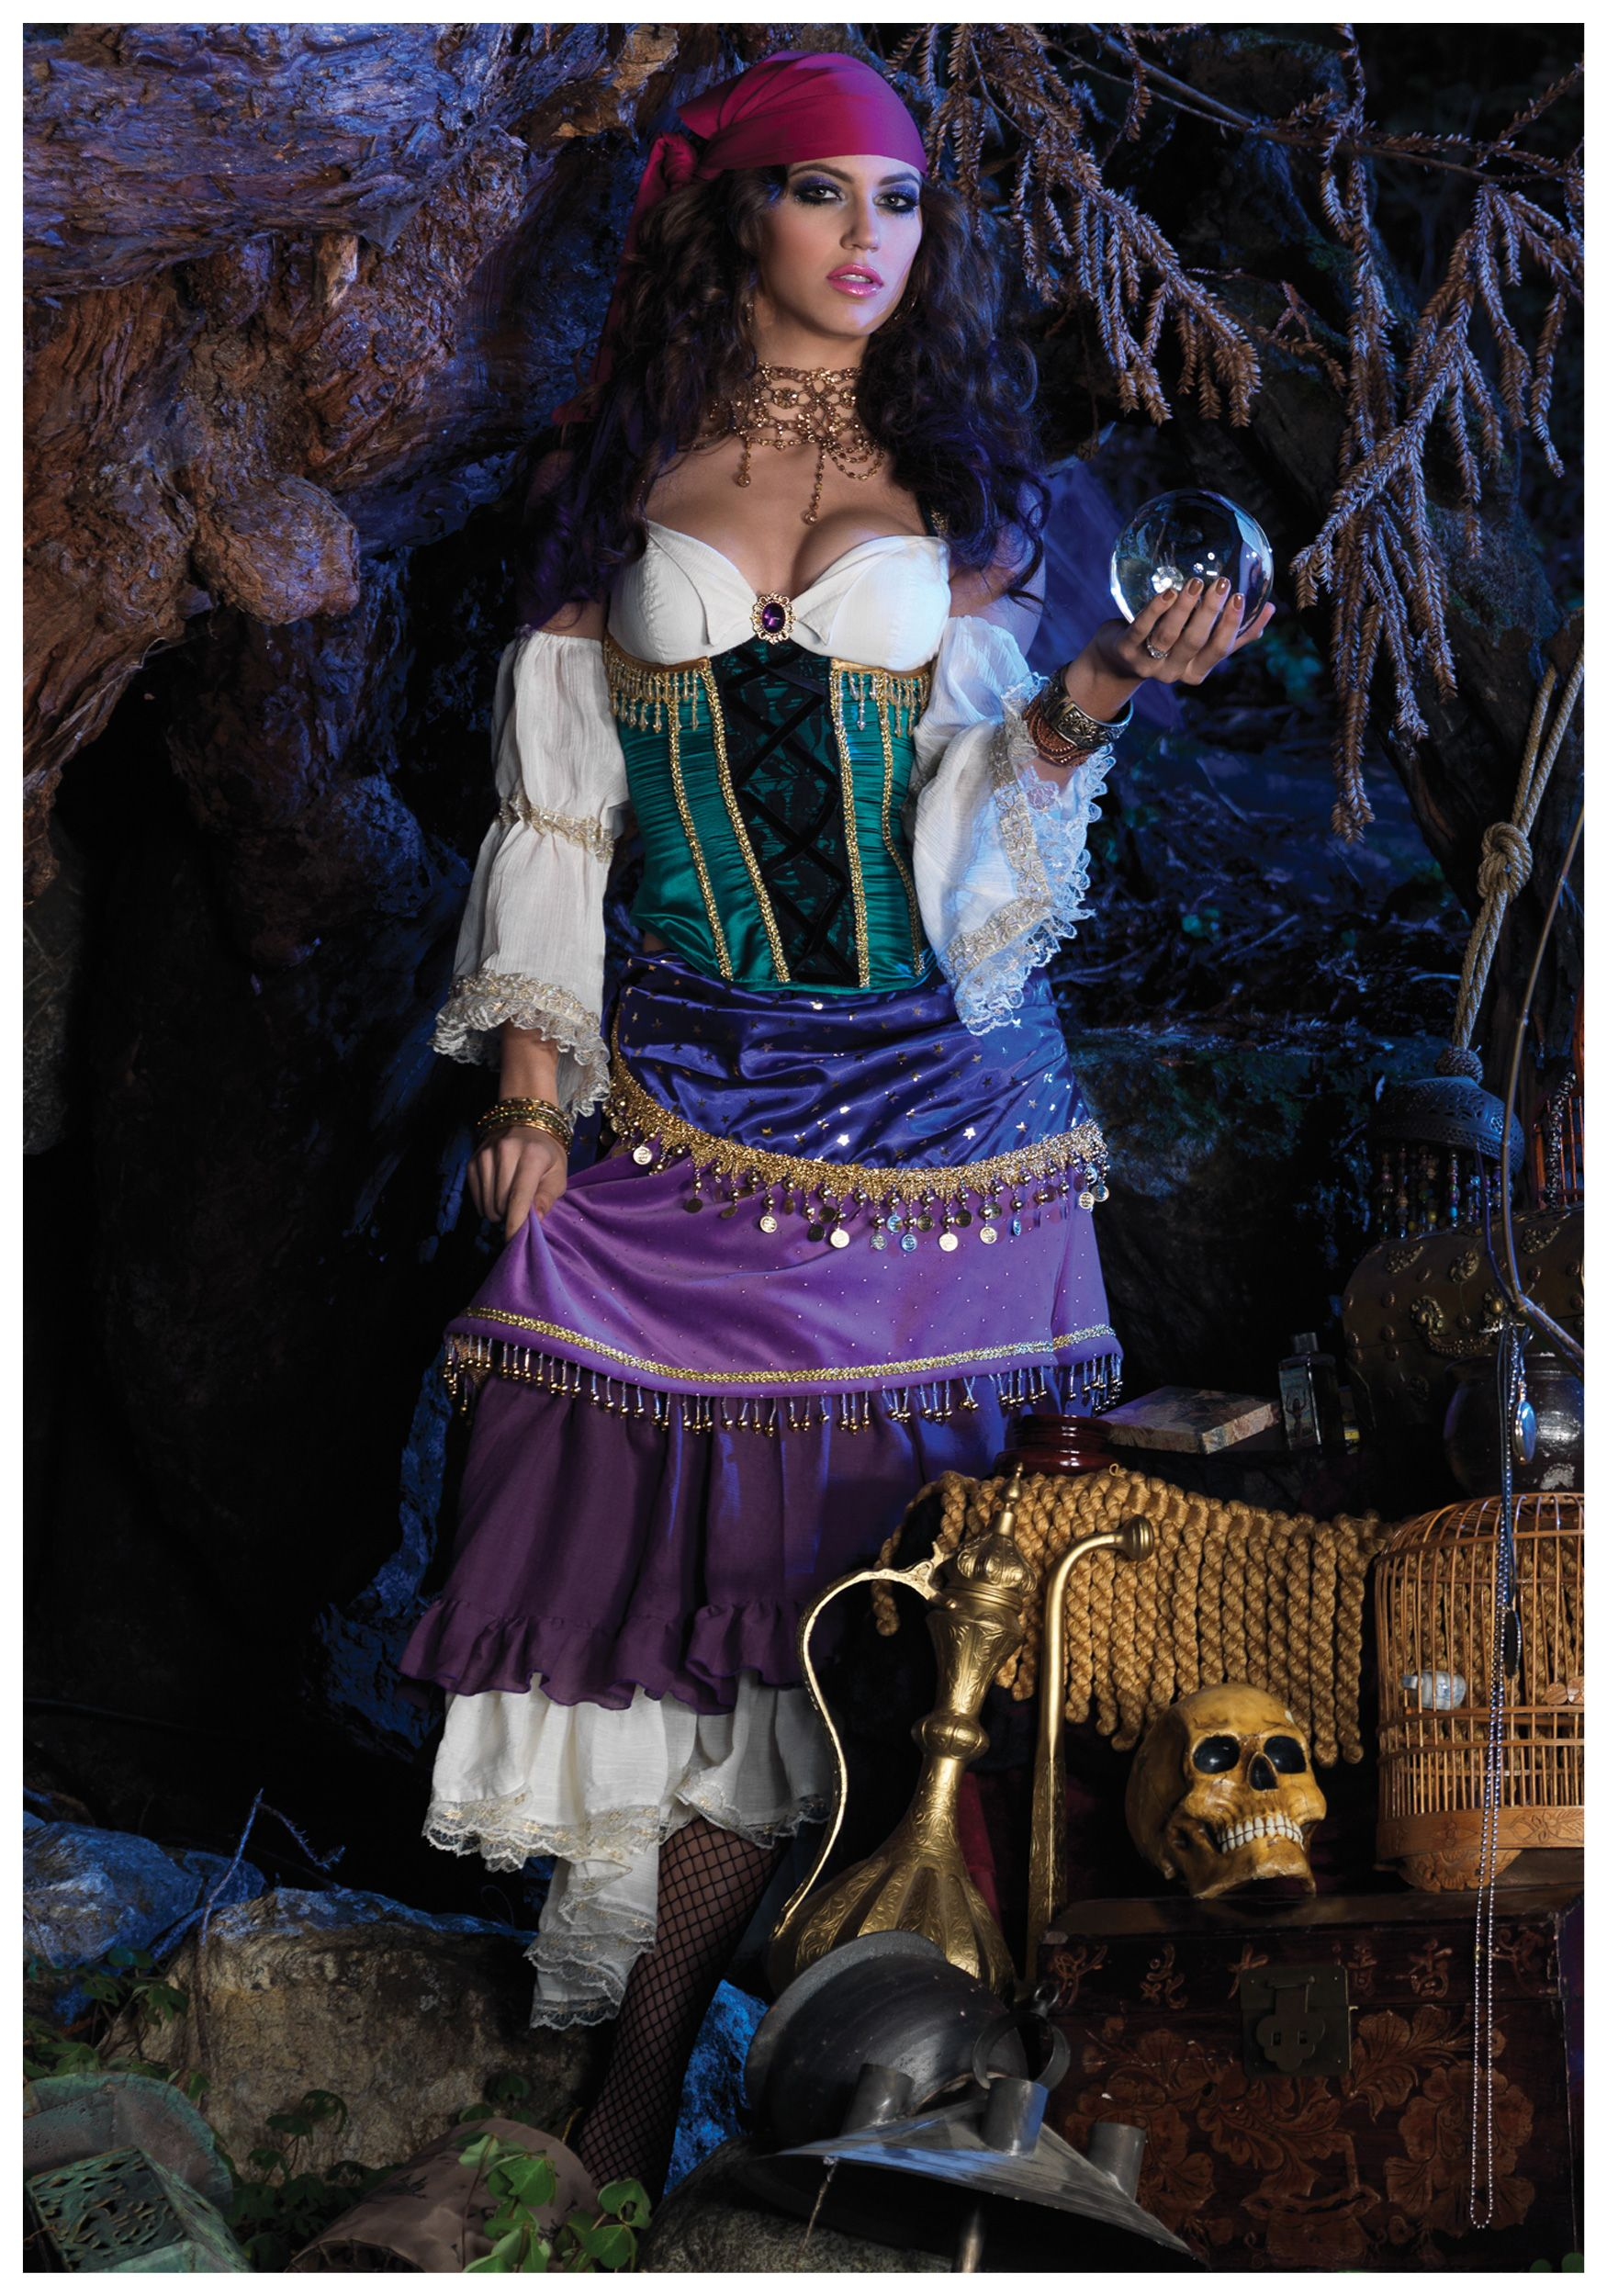 Deluxe Tarot Card Gypsy Costume | halloween | Pinterest | Tarot ...